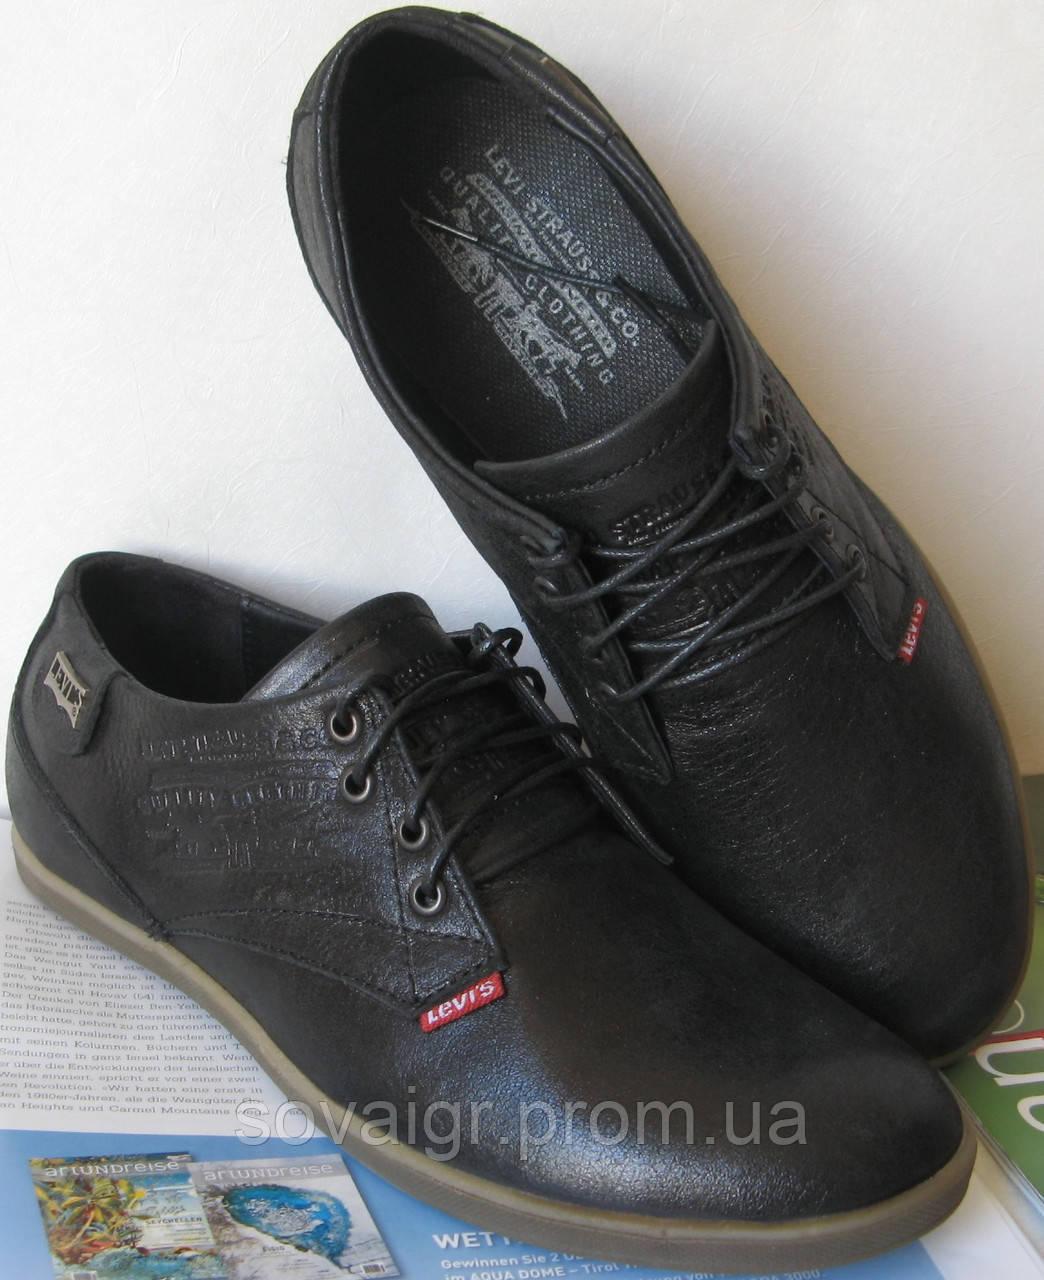 Levis стильные весенние мужские классические туфли черная кожа